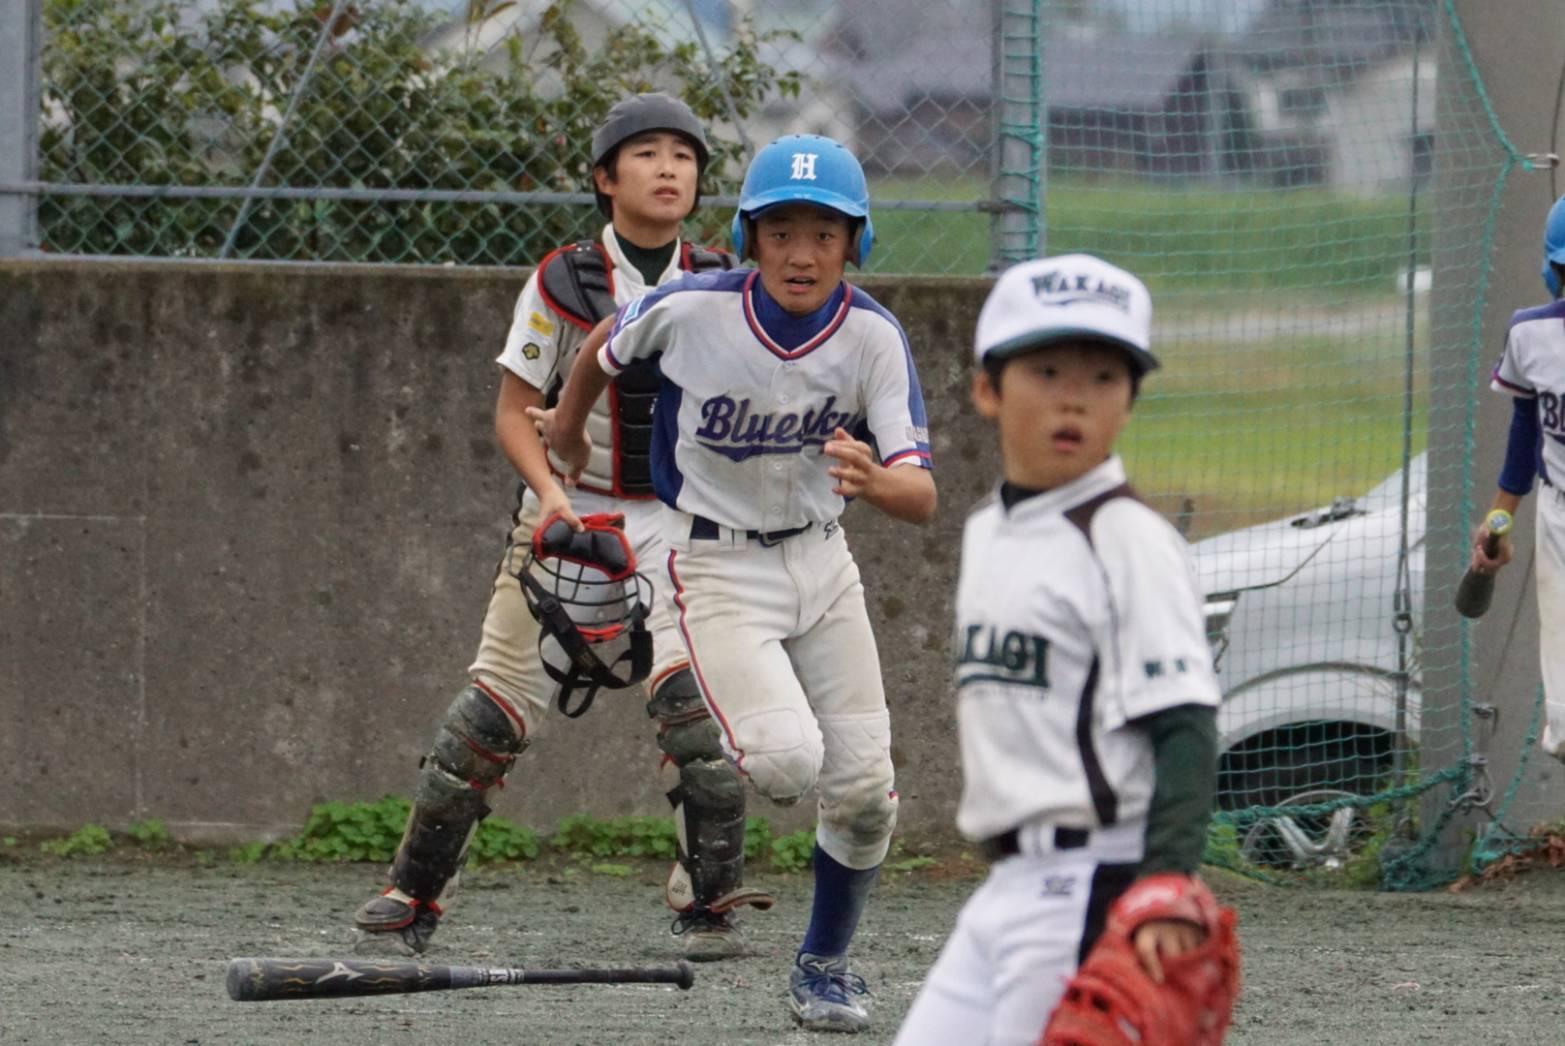 新潟日報チャレンジカップ野球大会 優勝しましたぁー!(^^)_b0095176_10485614.jpeg